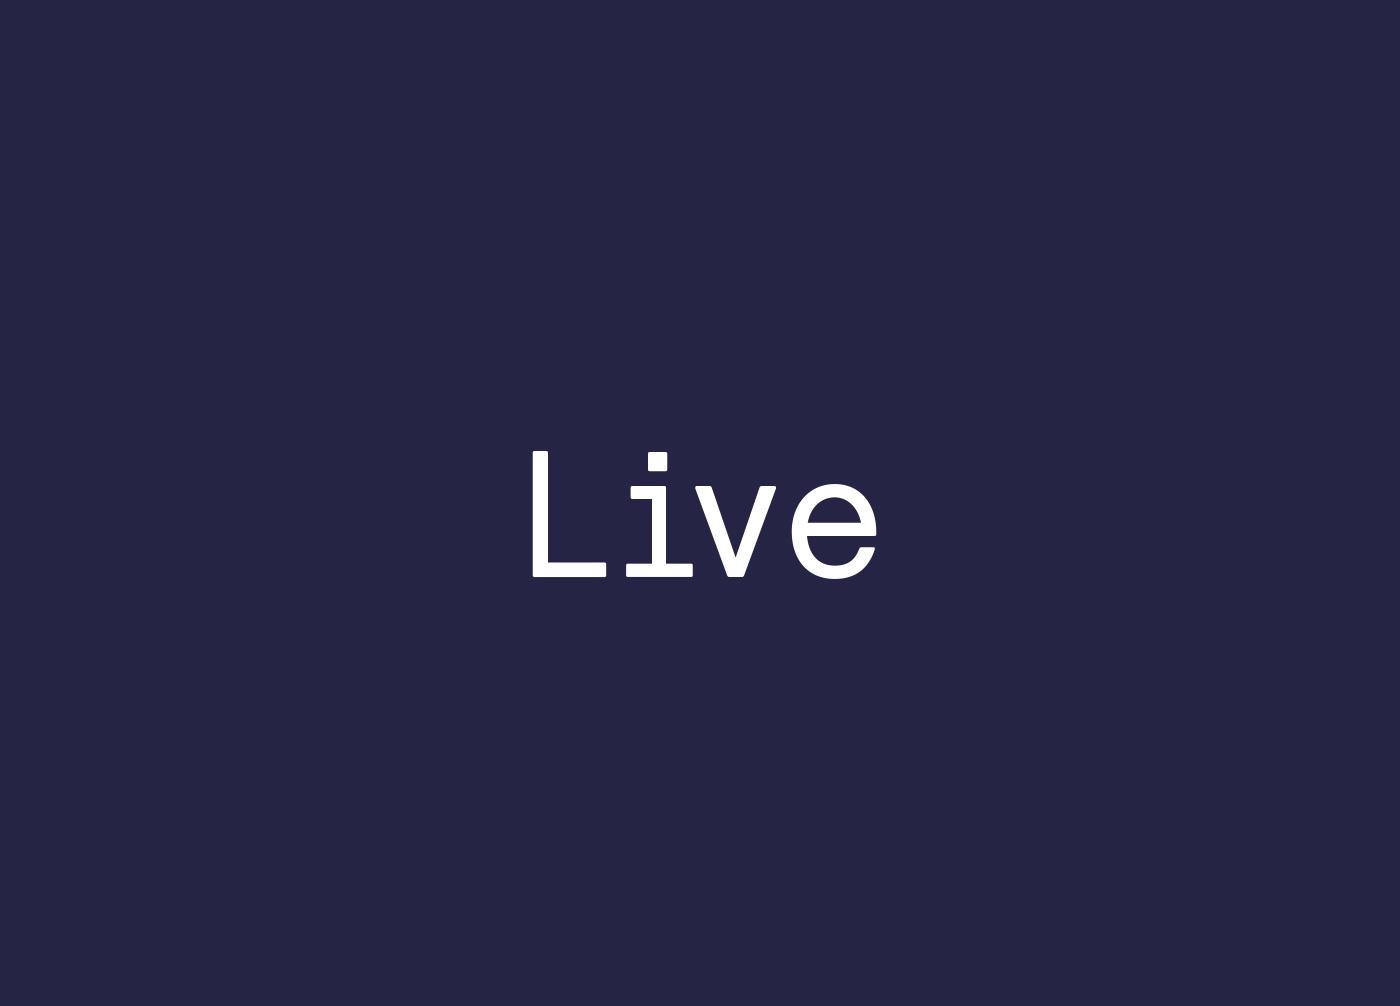 Studio MUI - We're live